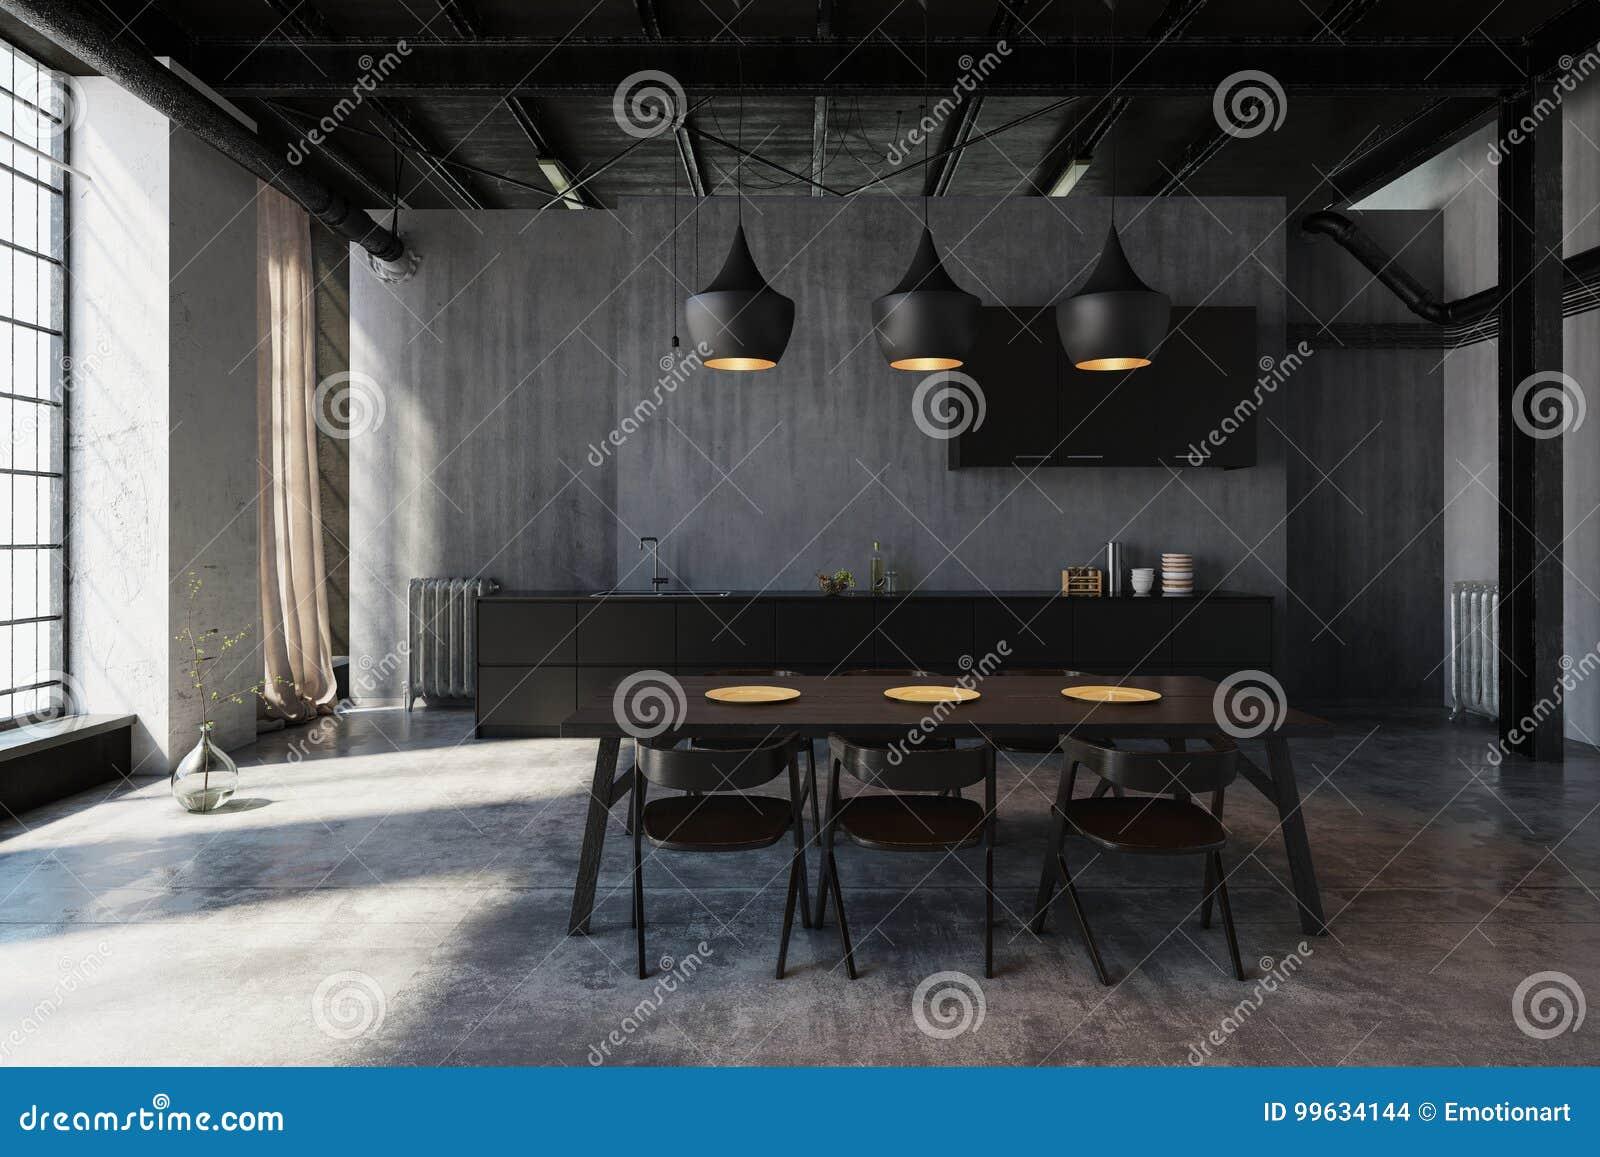 Plafoniere Contemporanee : Area pranzante del sottotetto moderno con le plafoniere